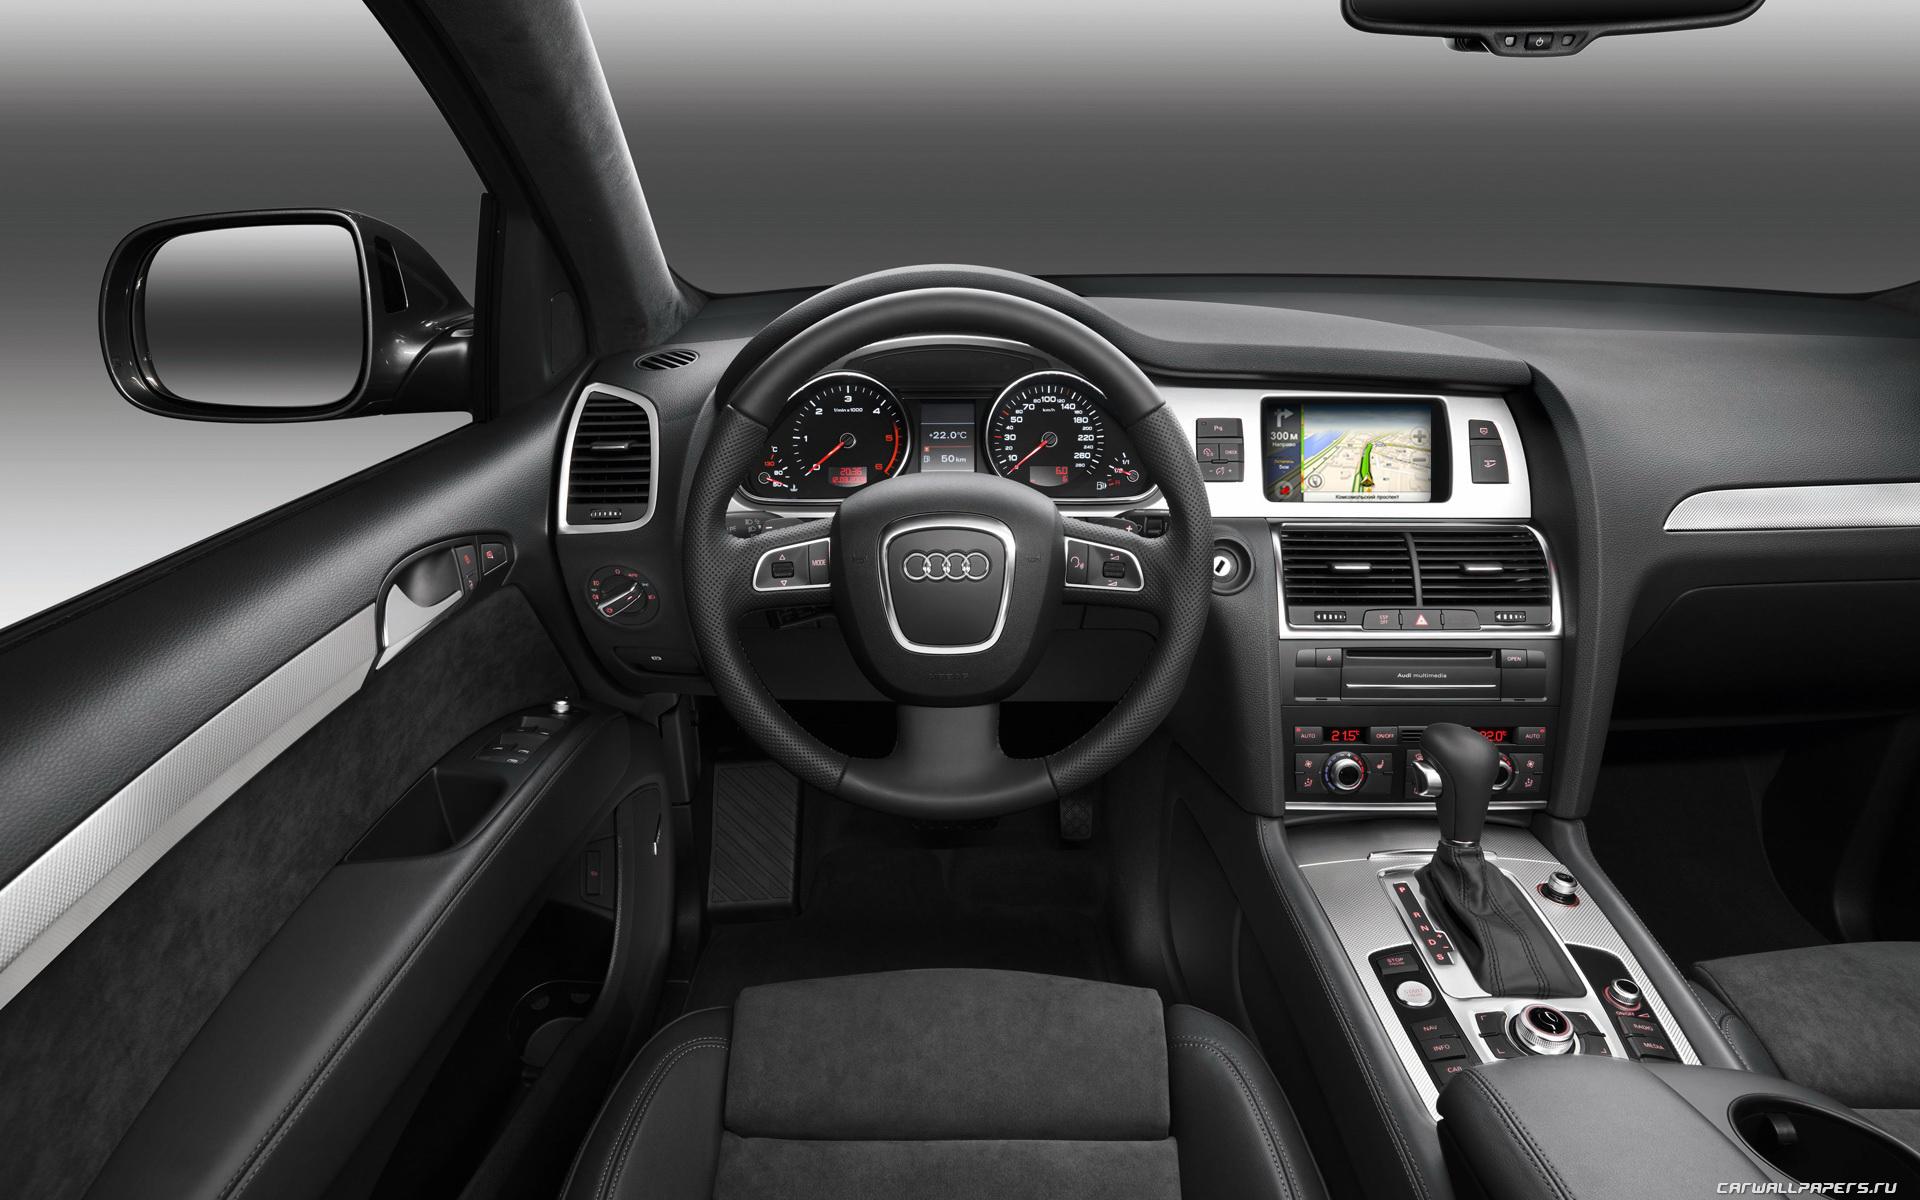 Навигация в Audi Q7 4L (Android)